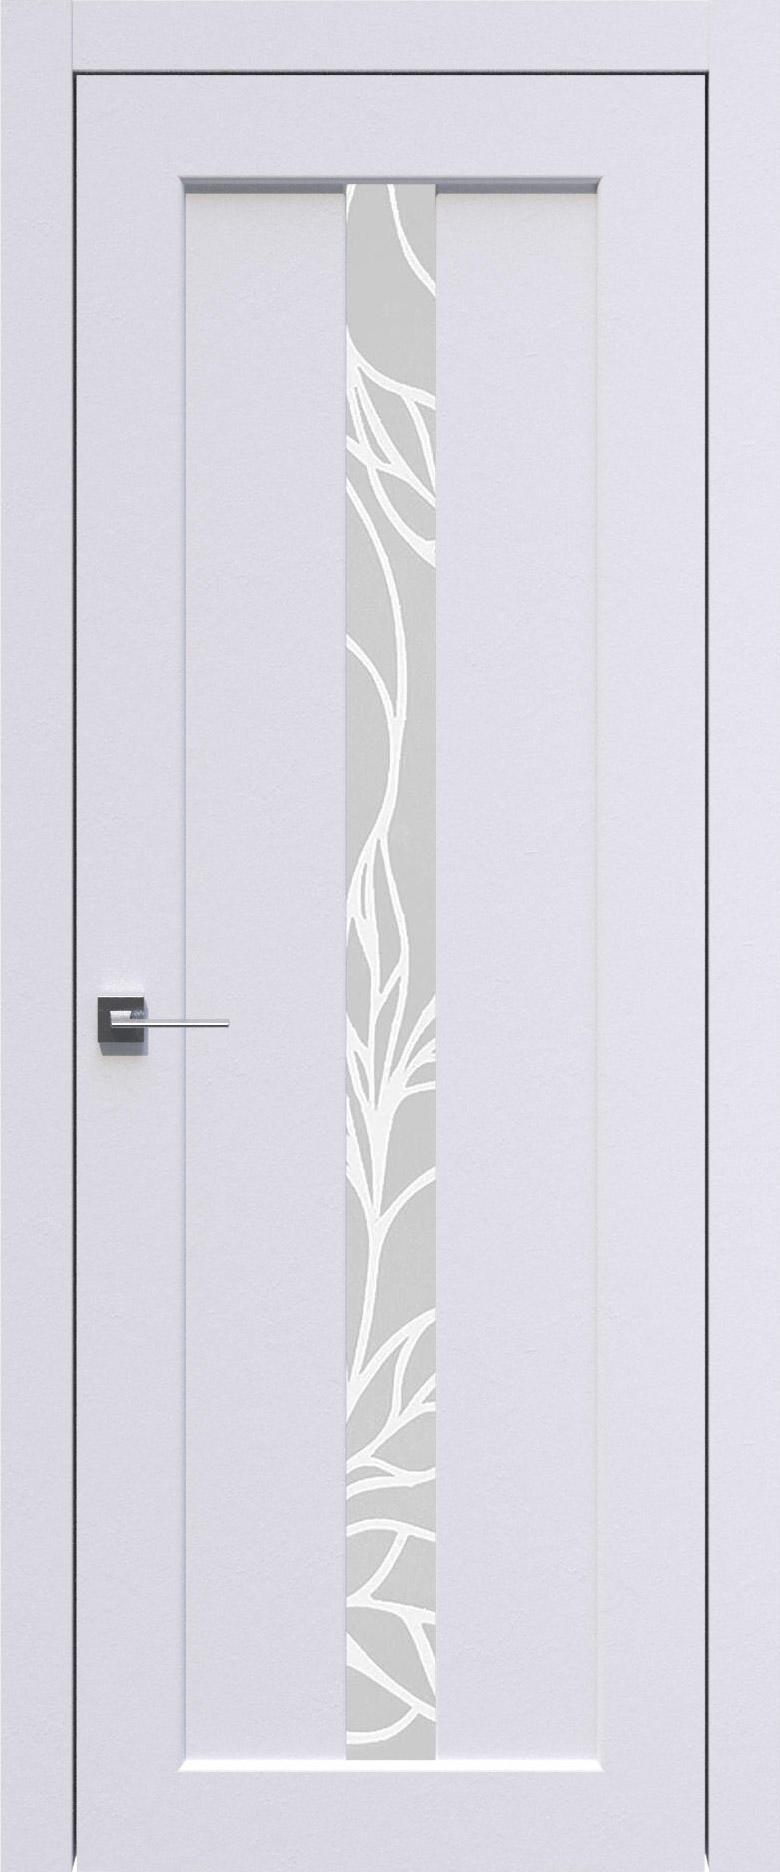 Pianta цвет - Арктик белый Без стекла (ДГ)